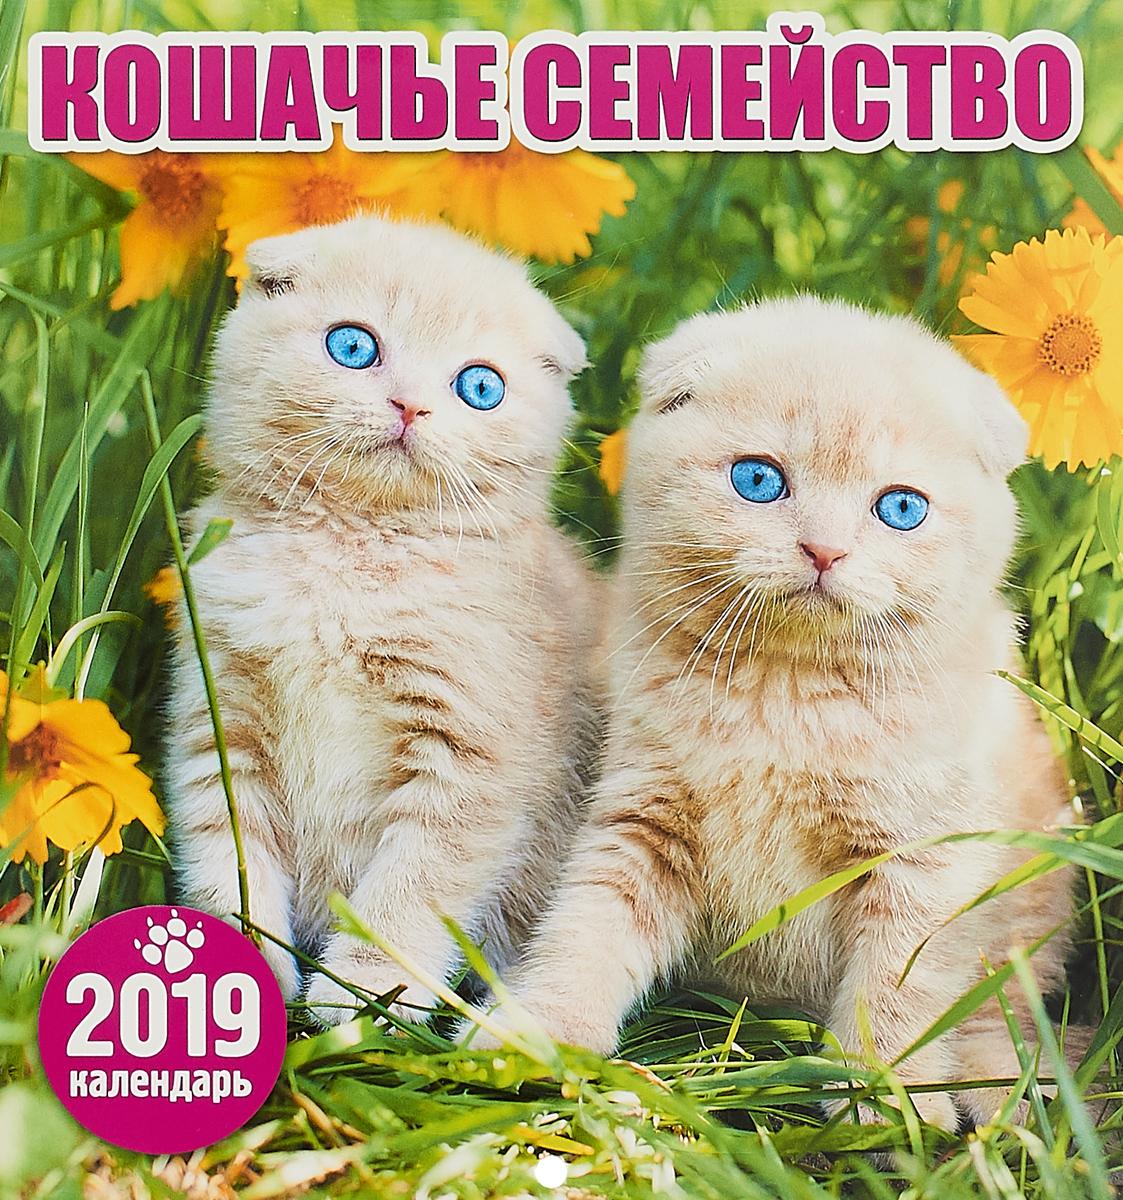 Календарь перекидной на 2019 год. Кошачье семейство календарь перекидной на 2019 год кошачье семейство